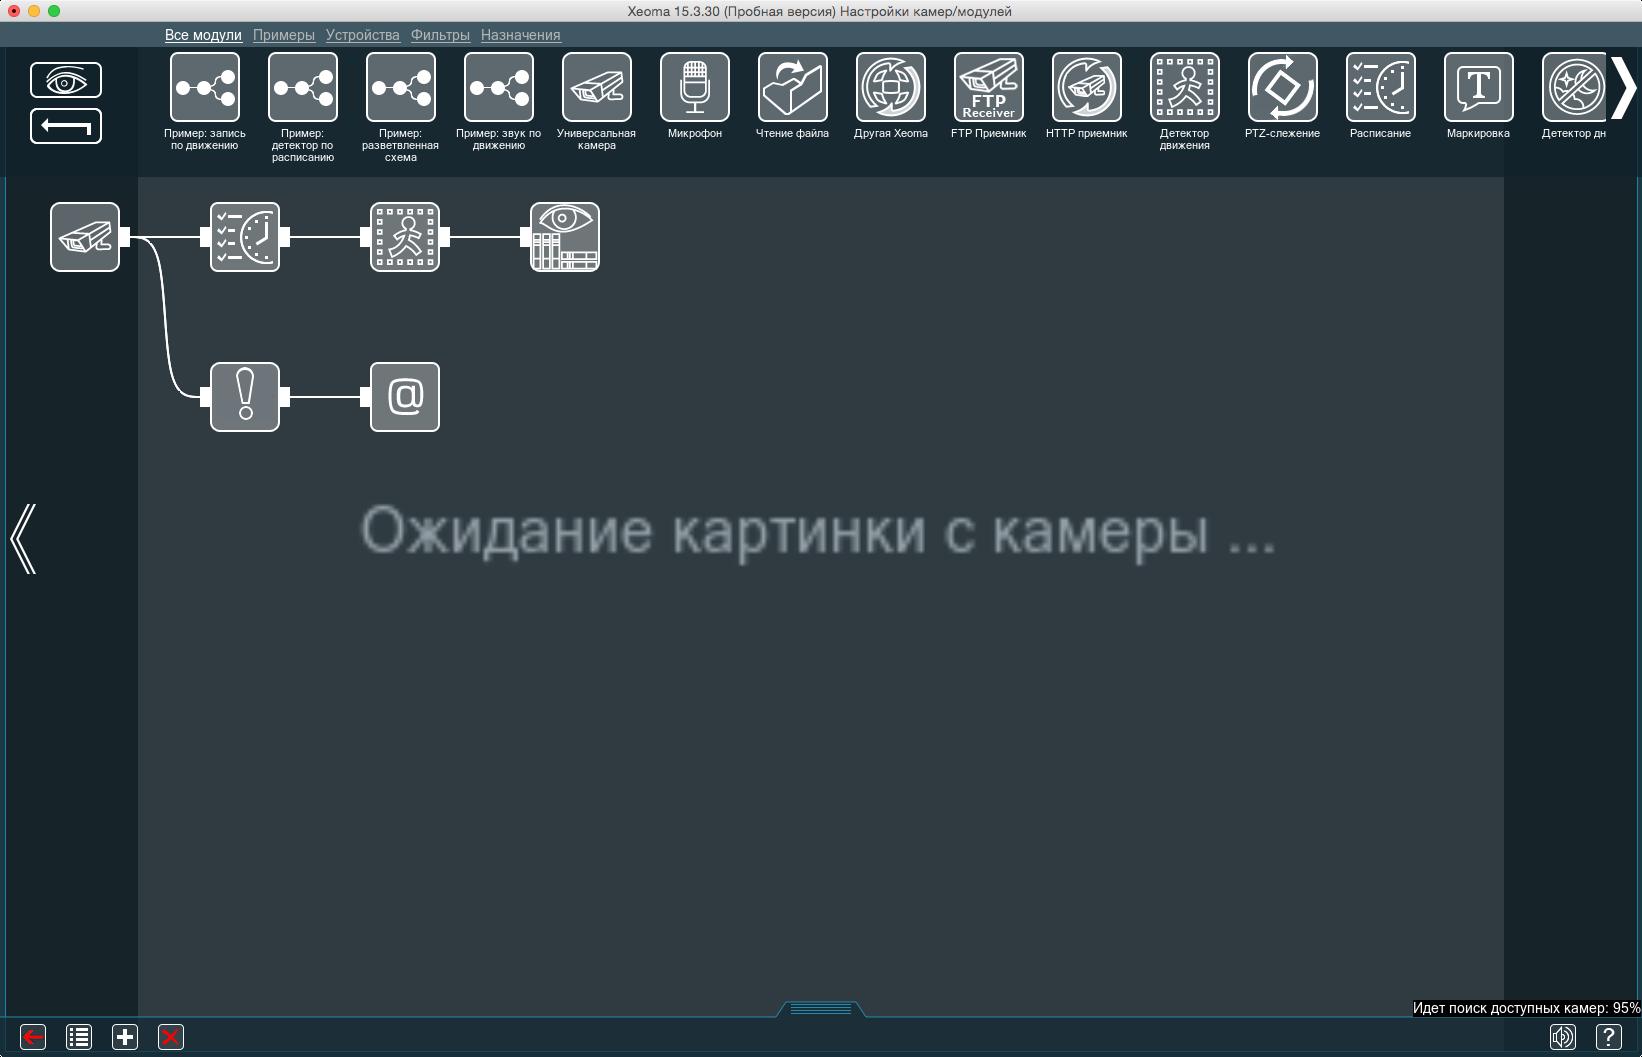 Программу для видеонаблюдения аналоговой